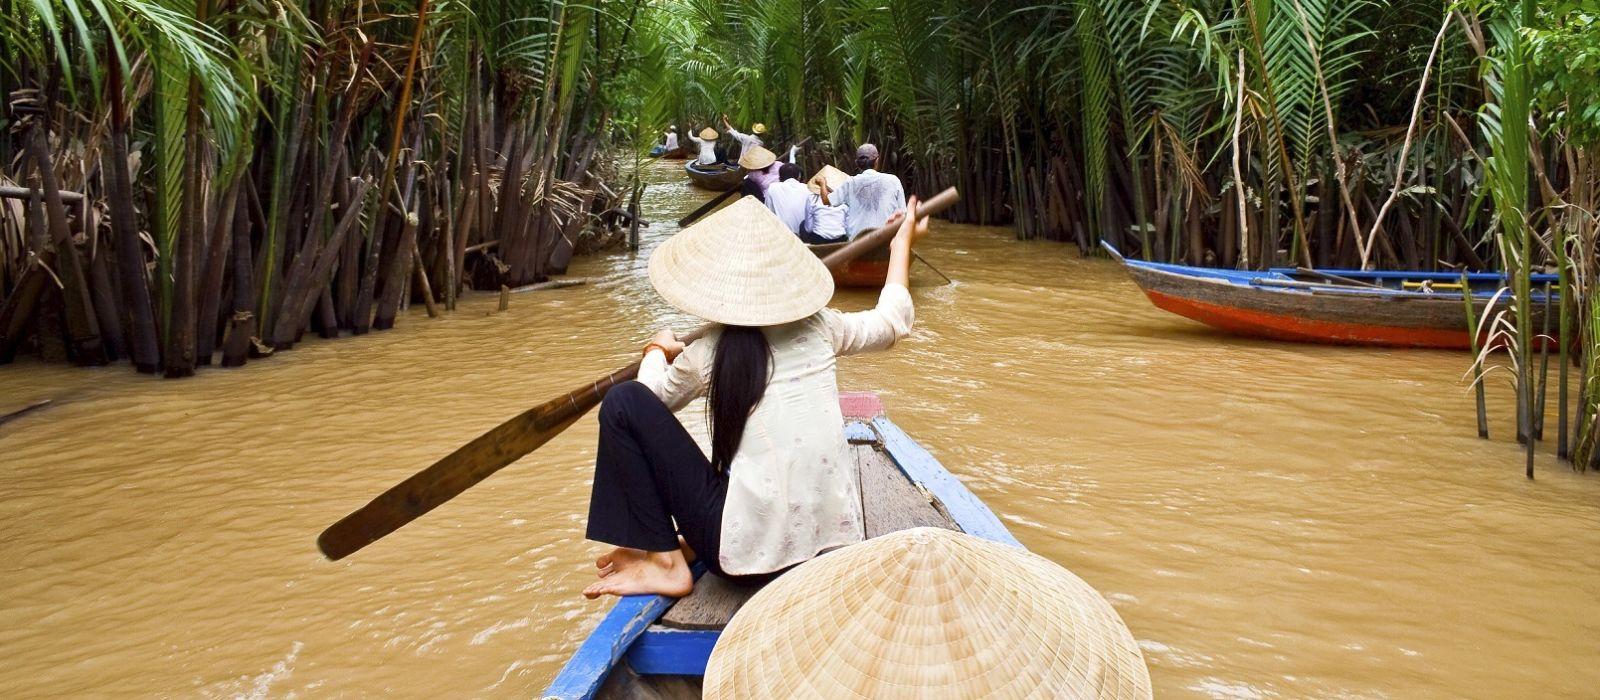 destination-can-tho-mekong-delta-vietnam